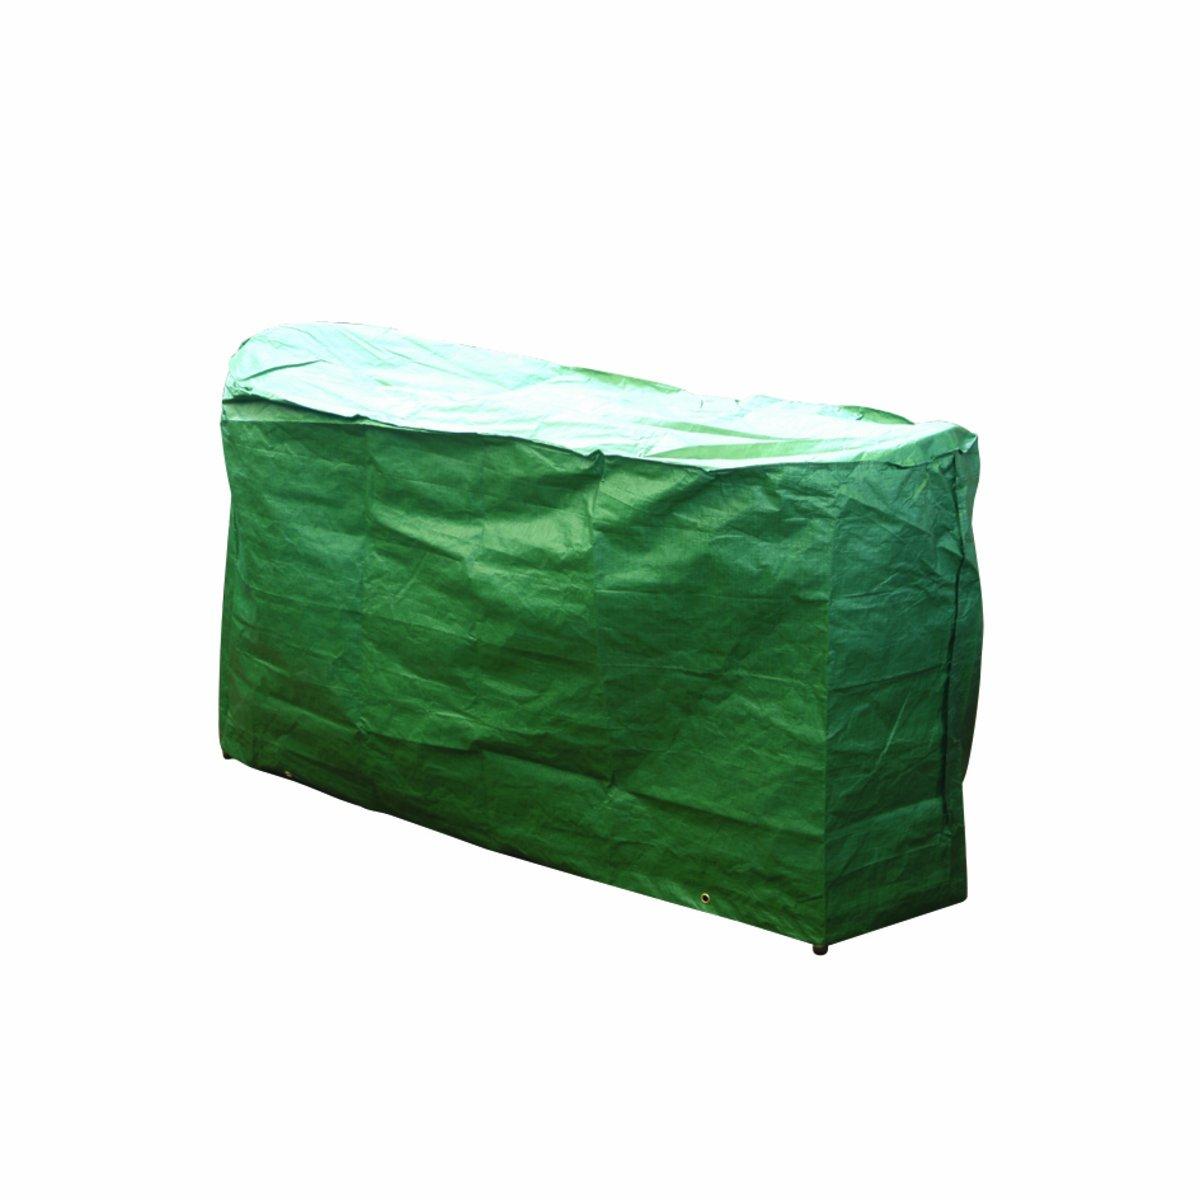 Polyethylene Schutzhülle für Gartenmöbel - Schutzhülle für Bistrositze - 2 Sitze